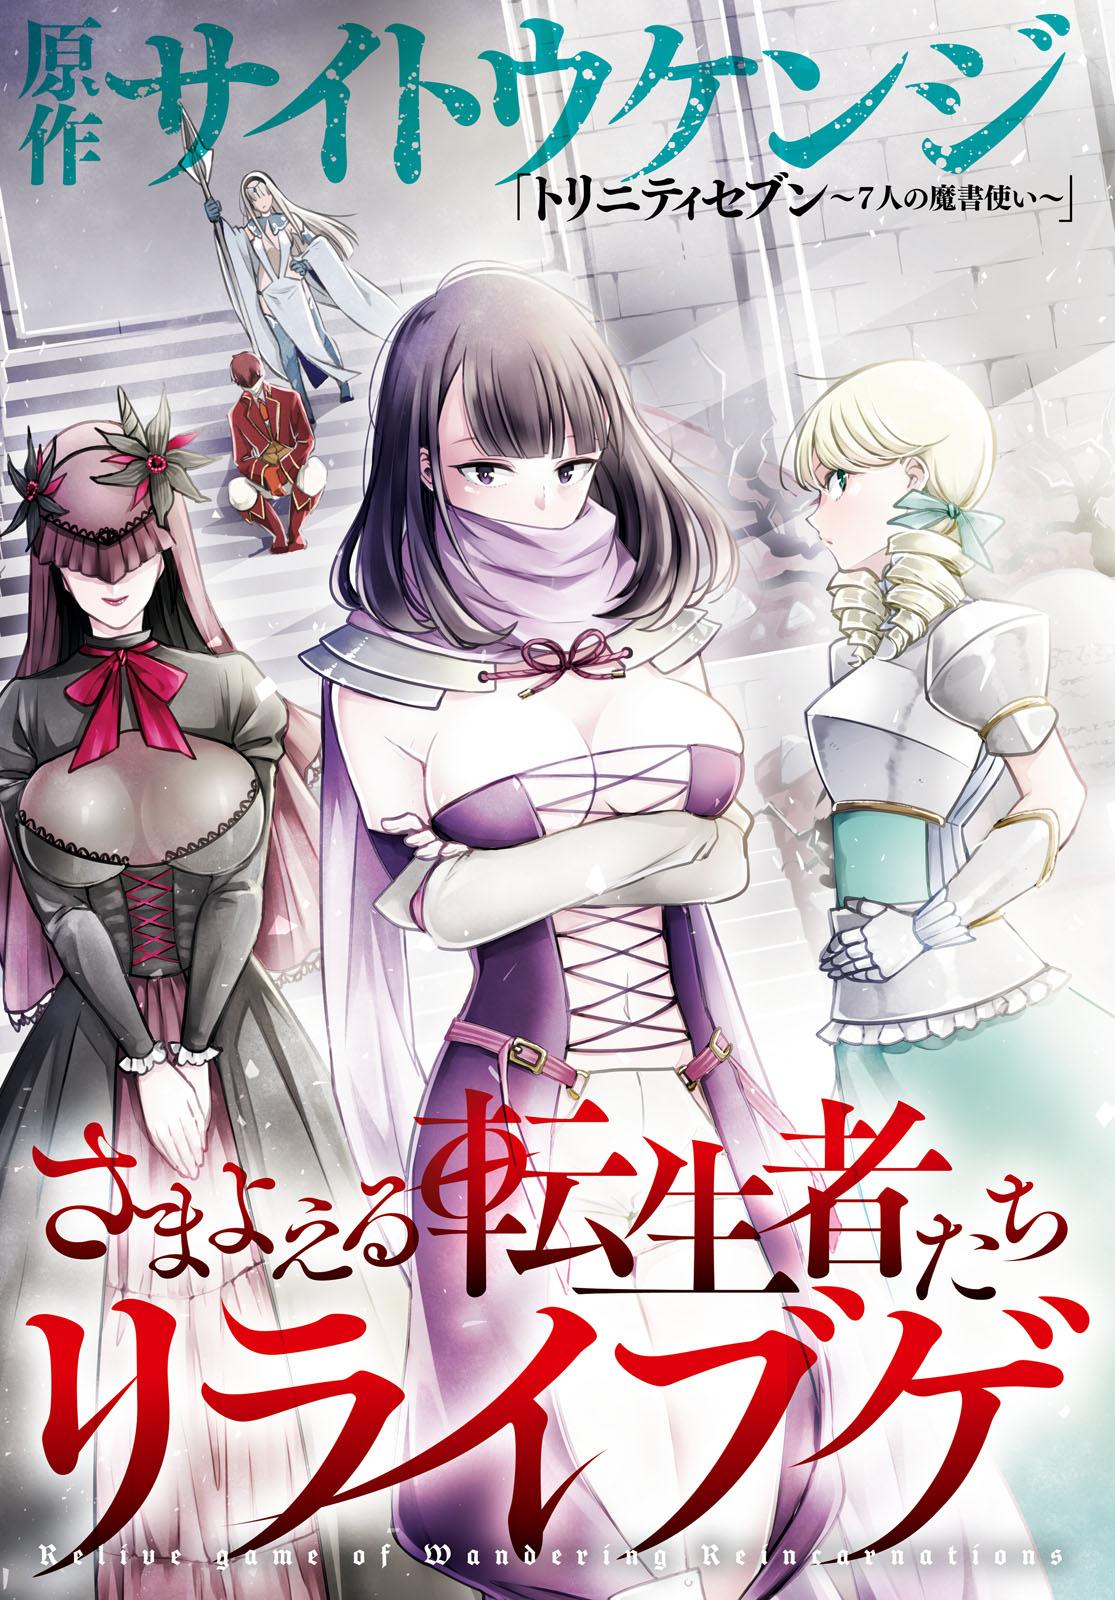 Samayoeru Tensei-sha-tachi no Revival Game เกมเกิดใหม่การกลับชาติที่ไม่รู้จบ